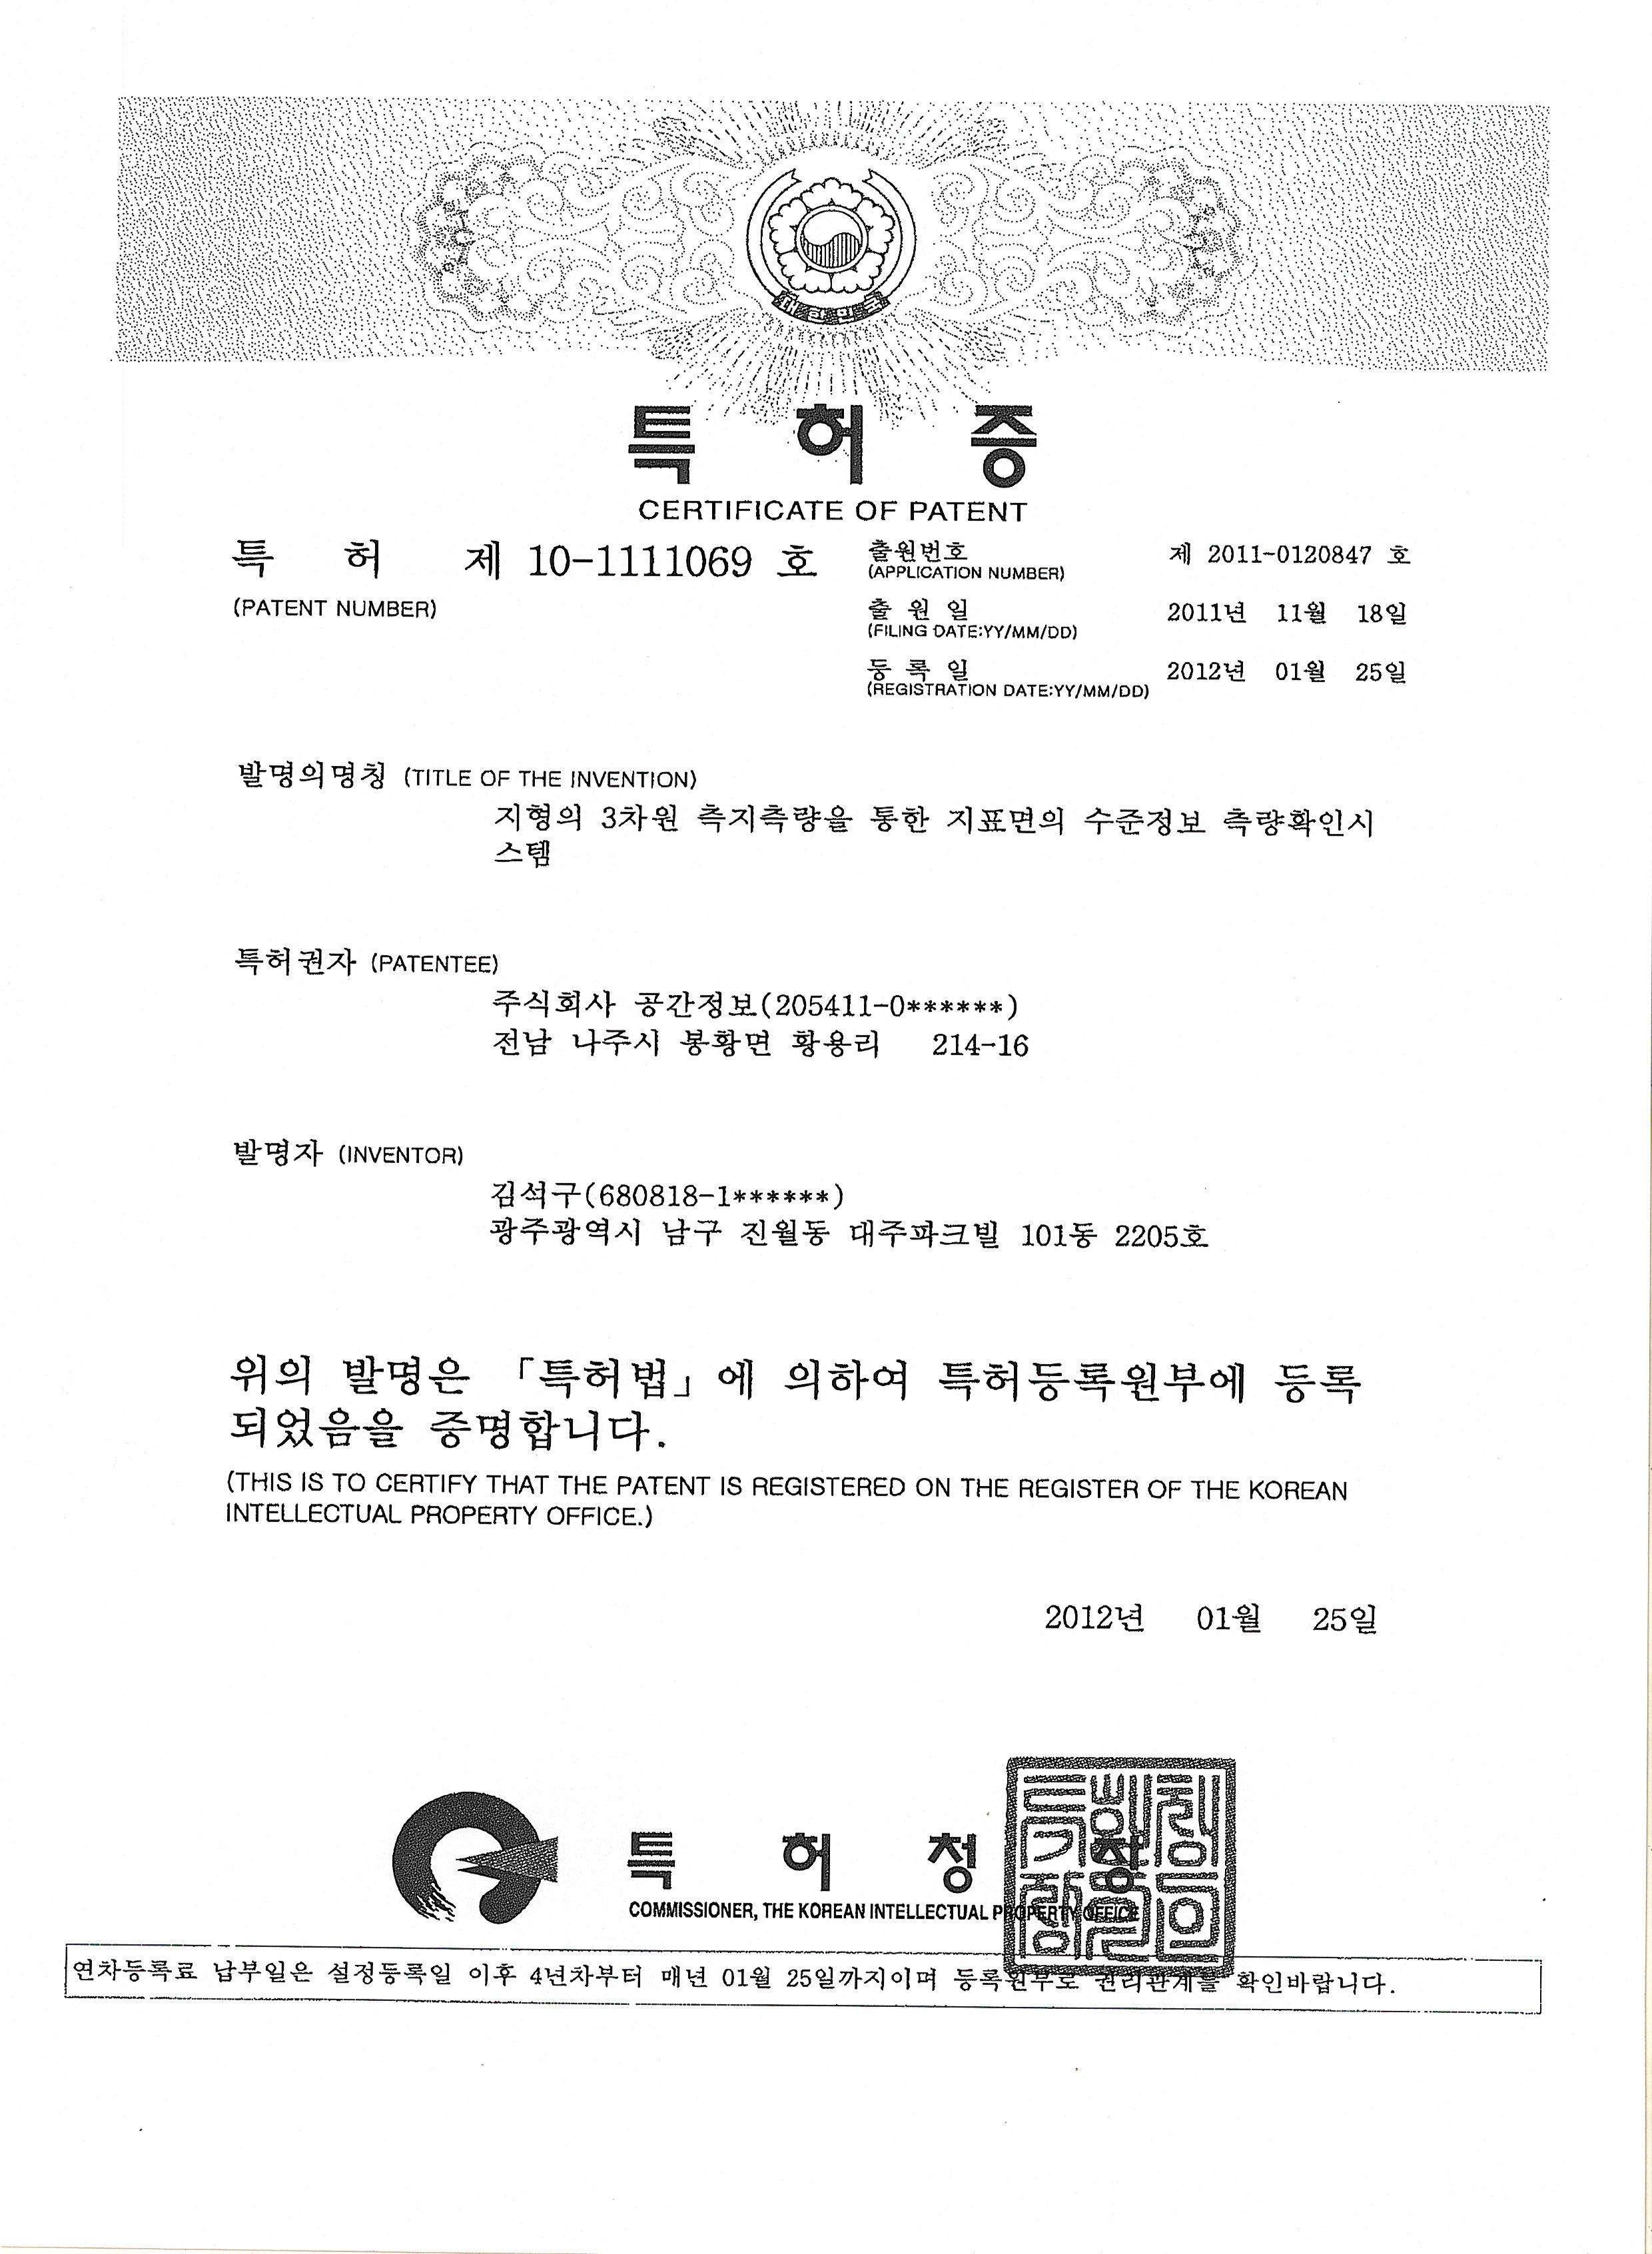 특허 10-1111069 '지형의 3차원 측지측량을 통한 지표면의 수준정보 측량확인시스템'